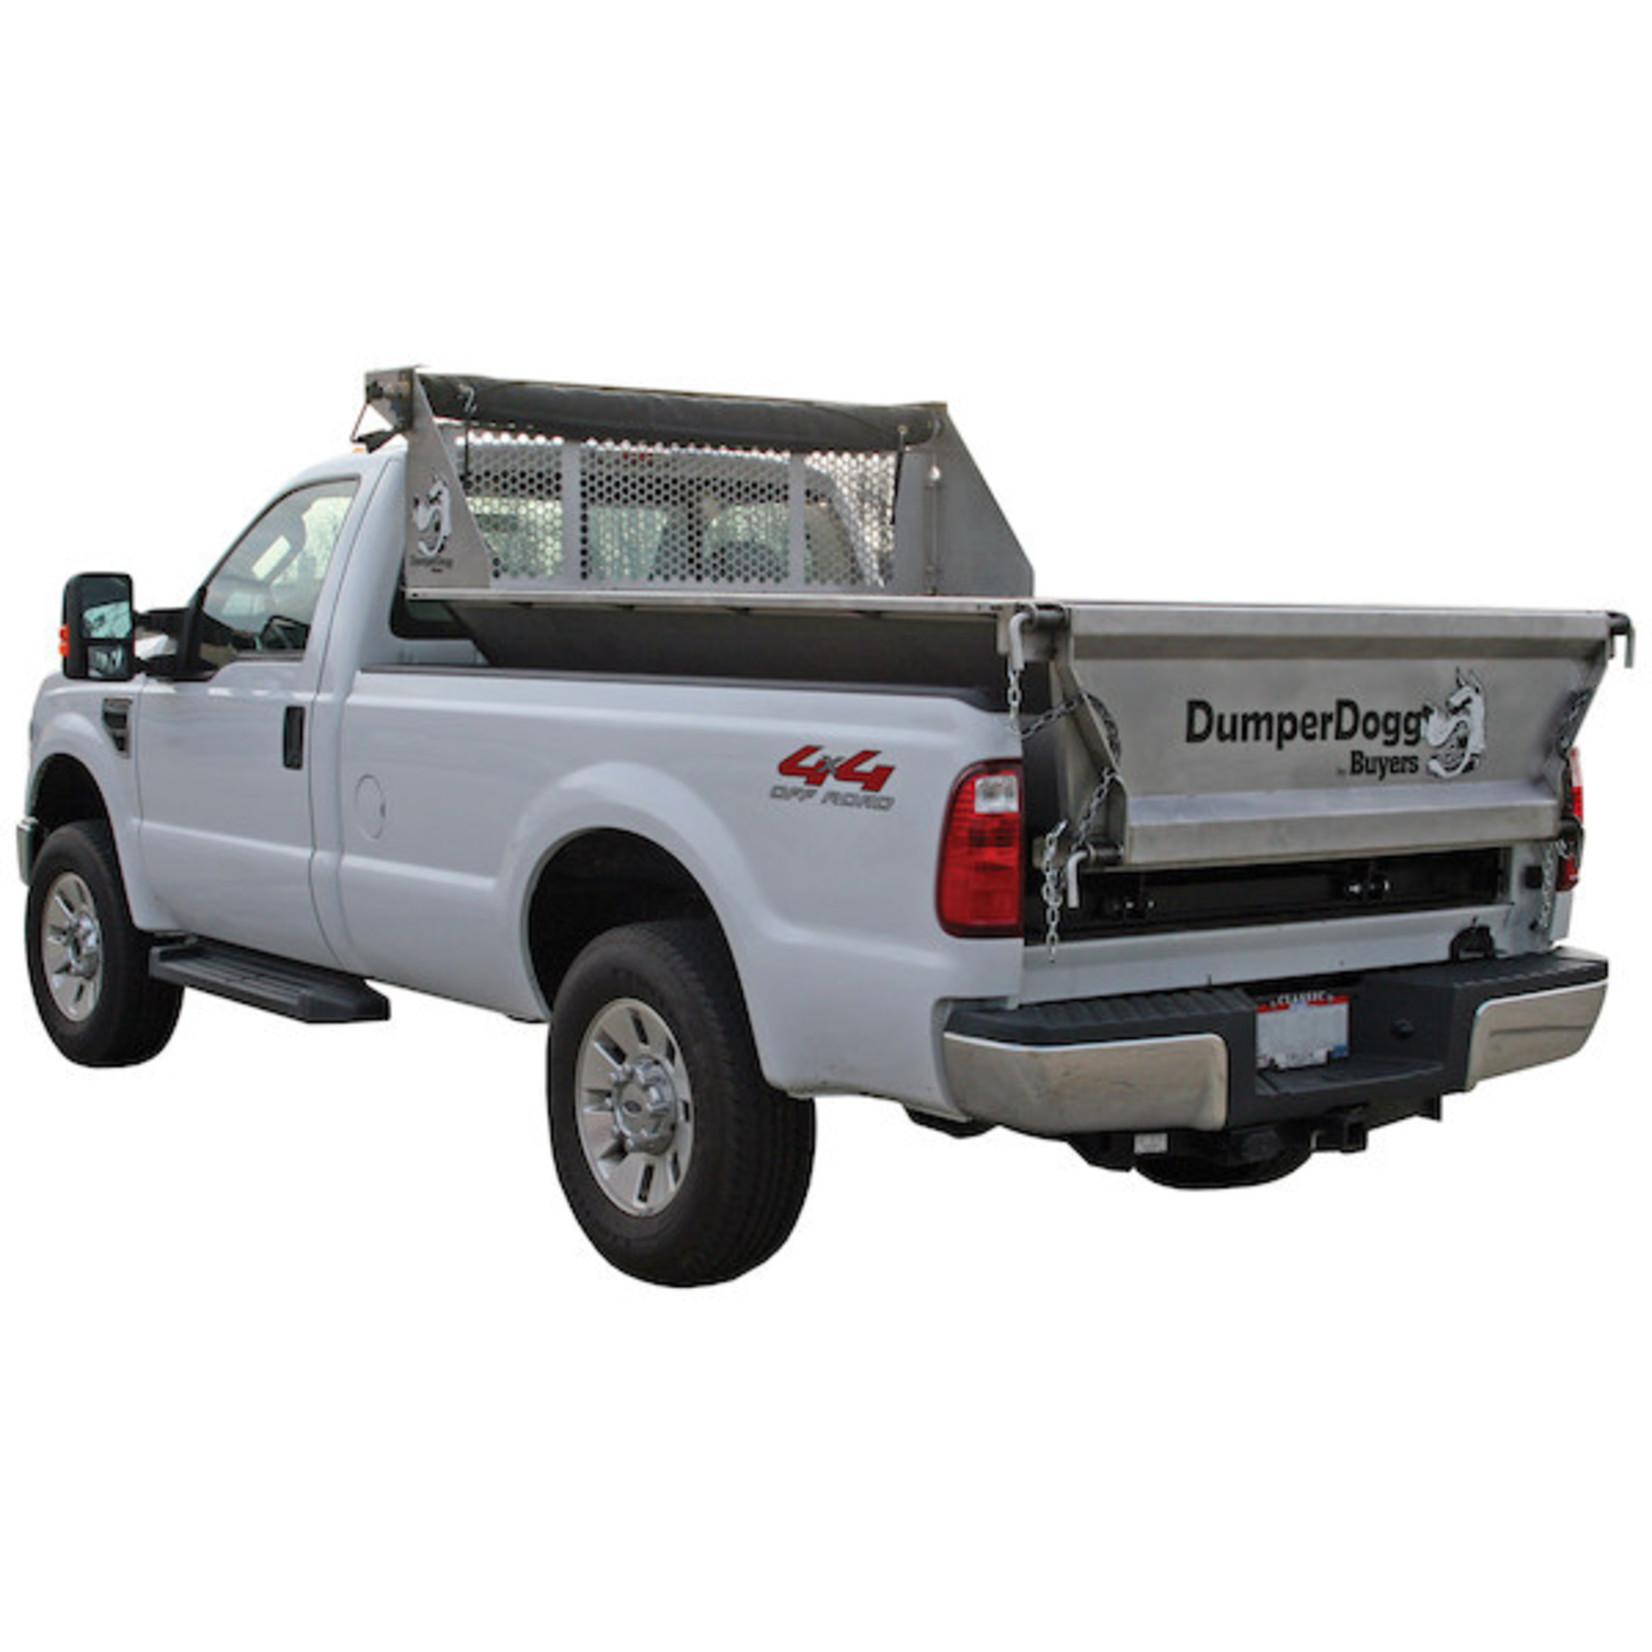 DumperDogg DumperDogg® Stainless Steel Dump Insert